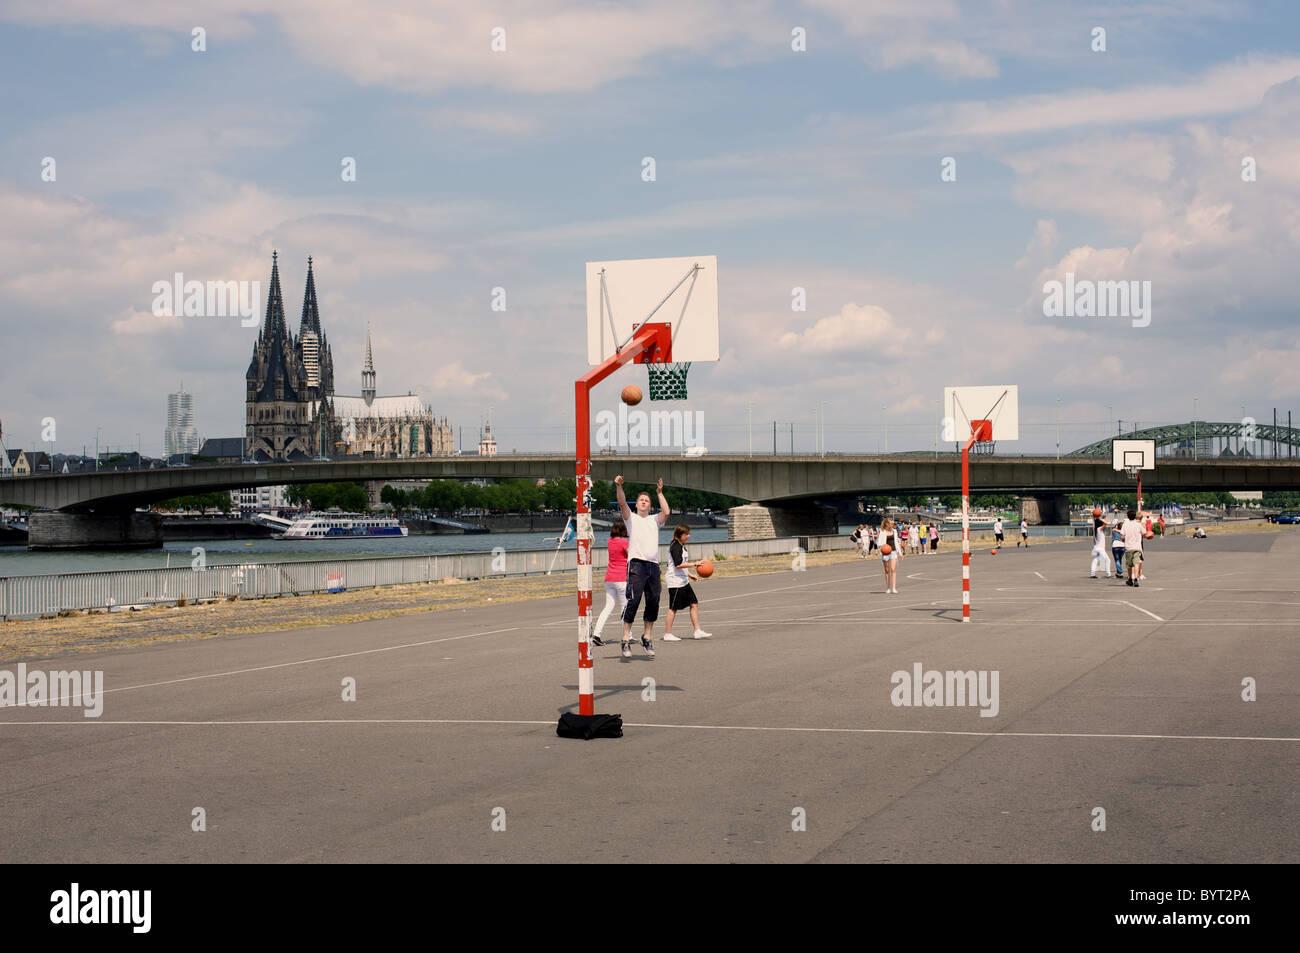 Los escolares jugando baloncesto junto al río Rin, en Colonia, Alemania. Imagen De Stock